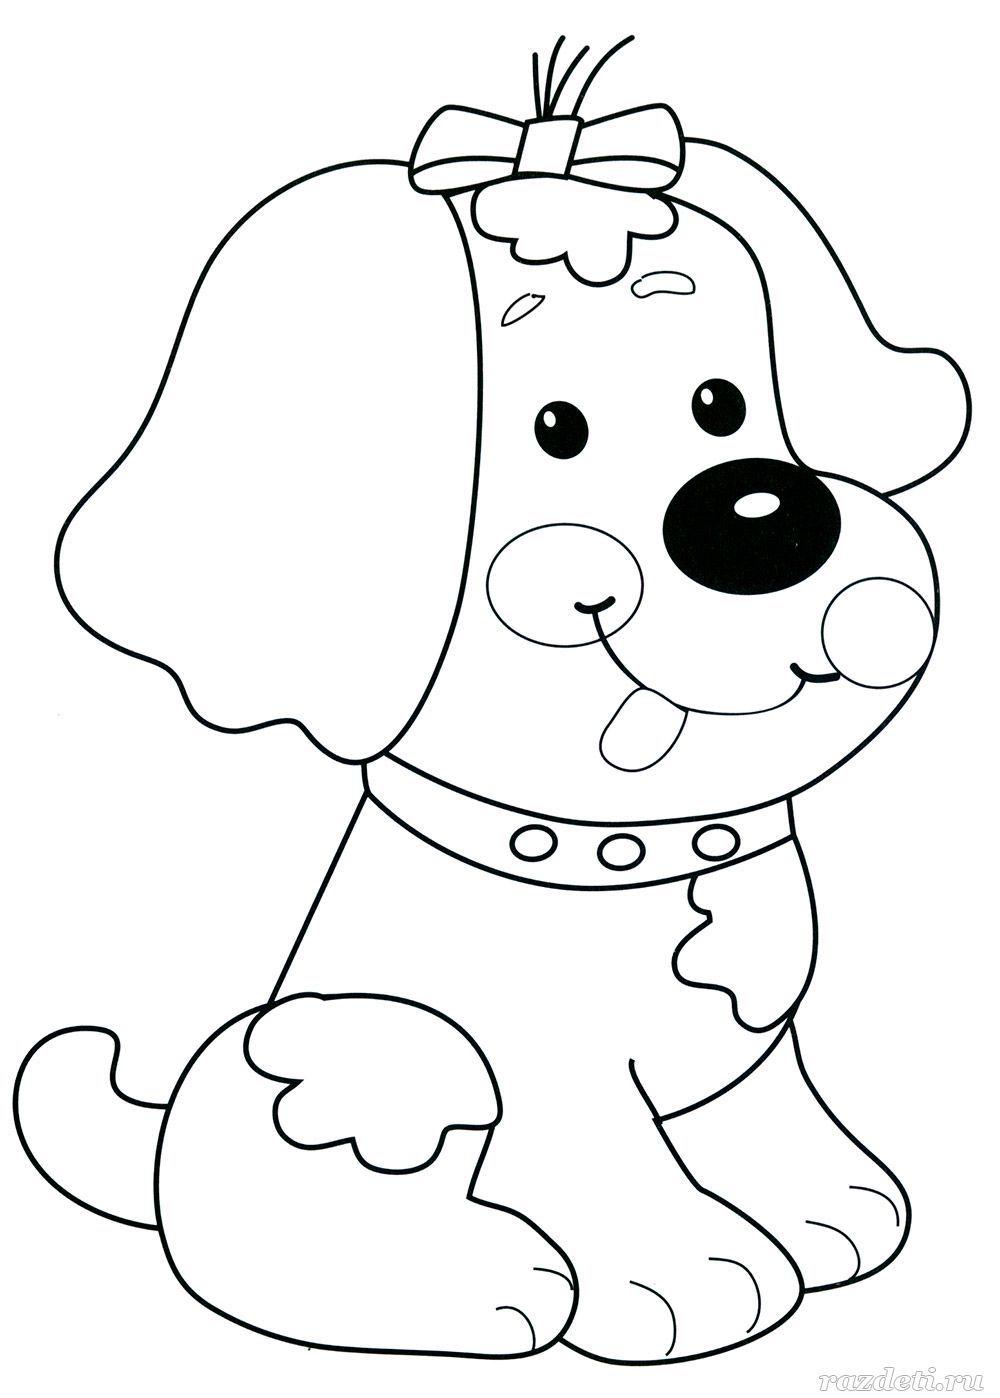 Раскраска для детей Собака หมา pinterest free preschool